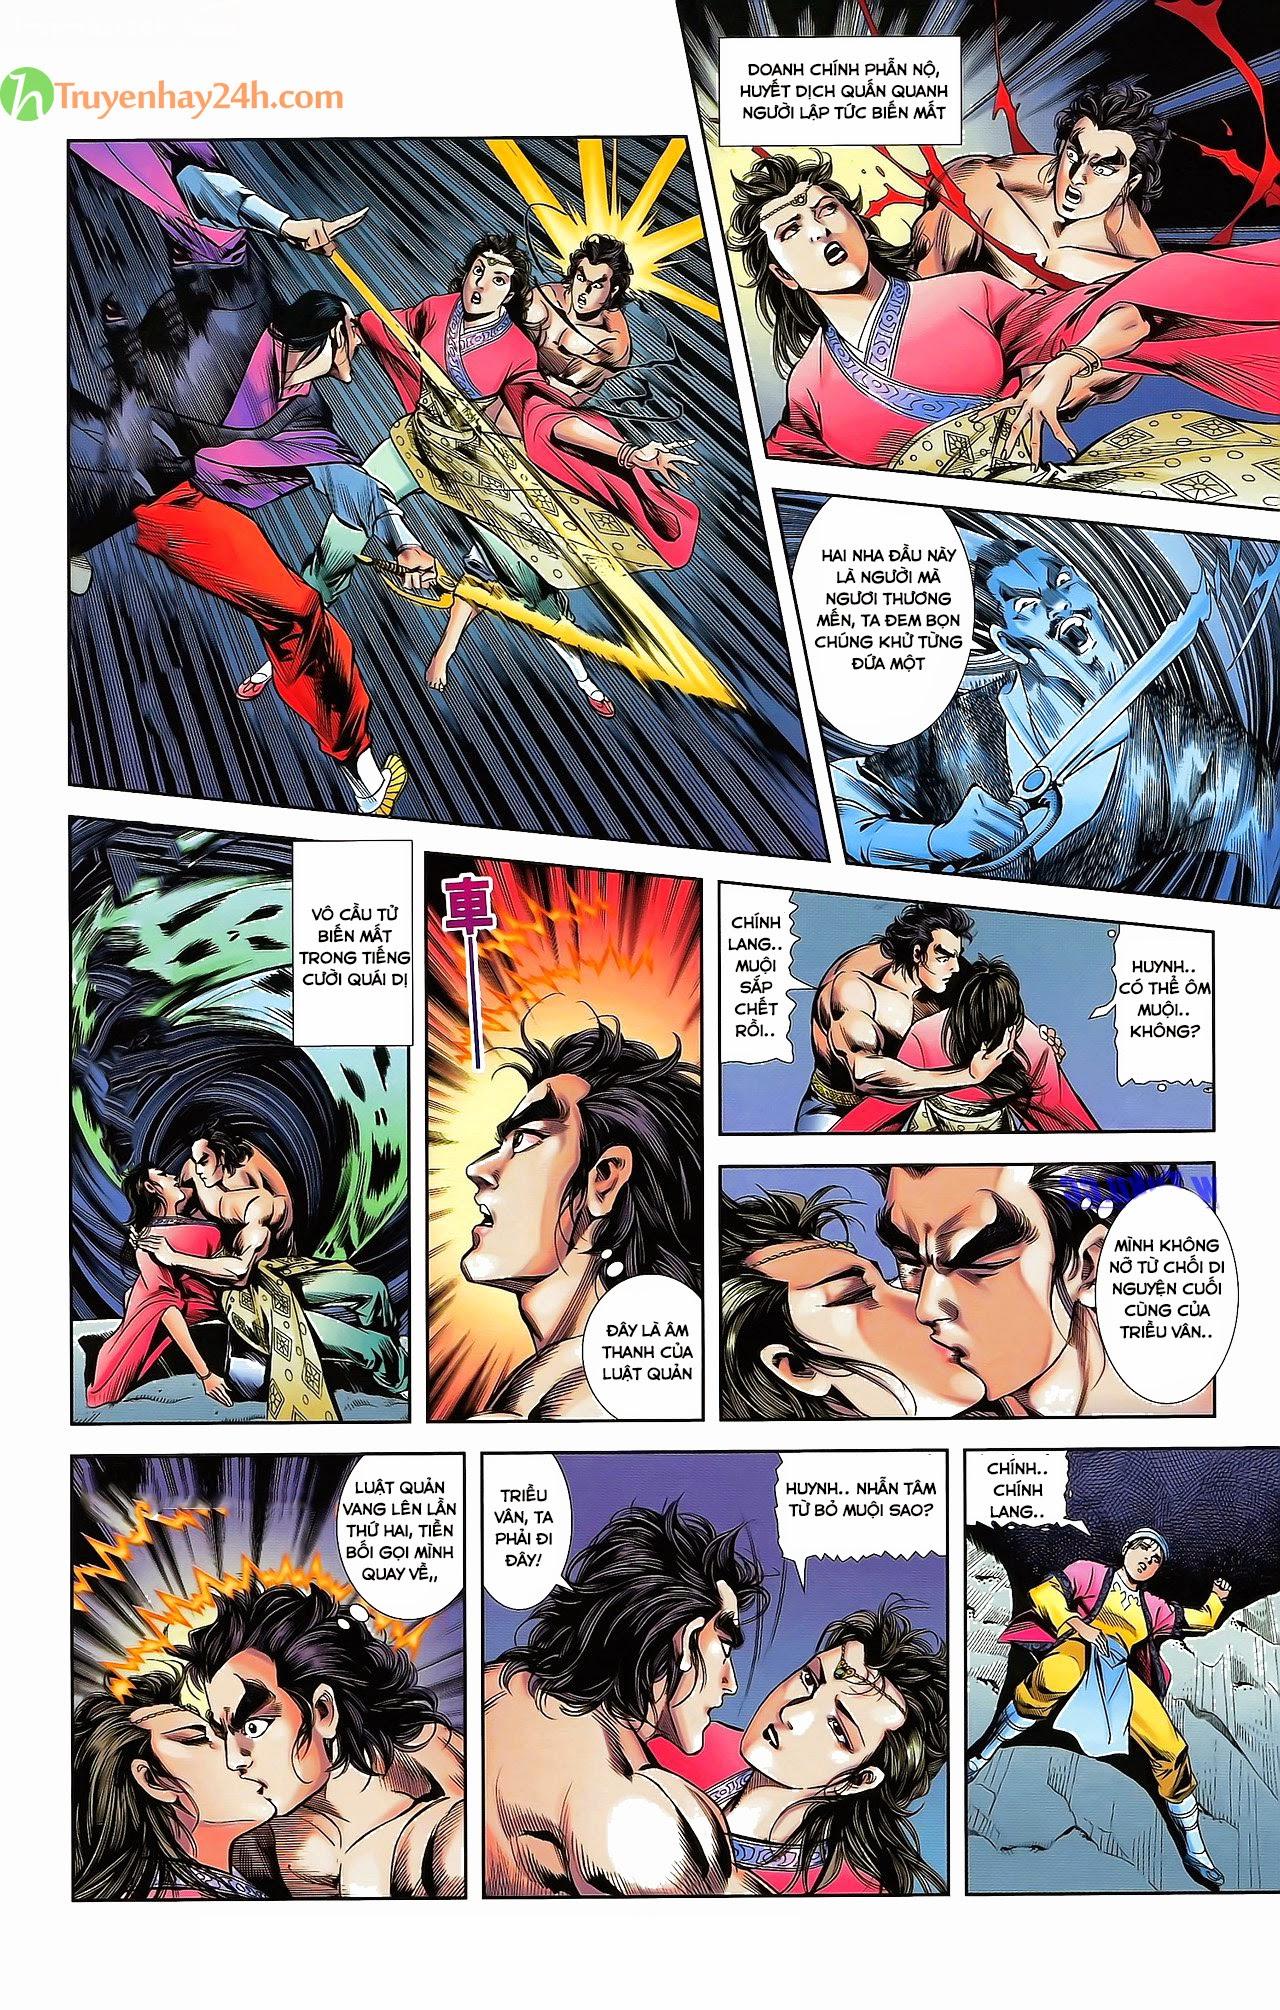 Tần Vương Doanh Chính chapter 30 trang 25